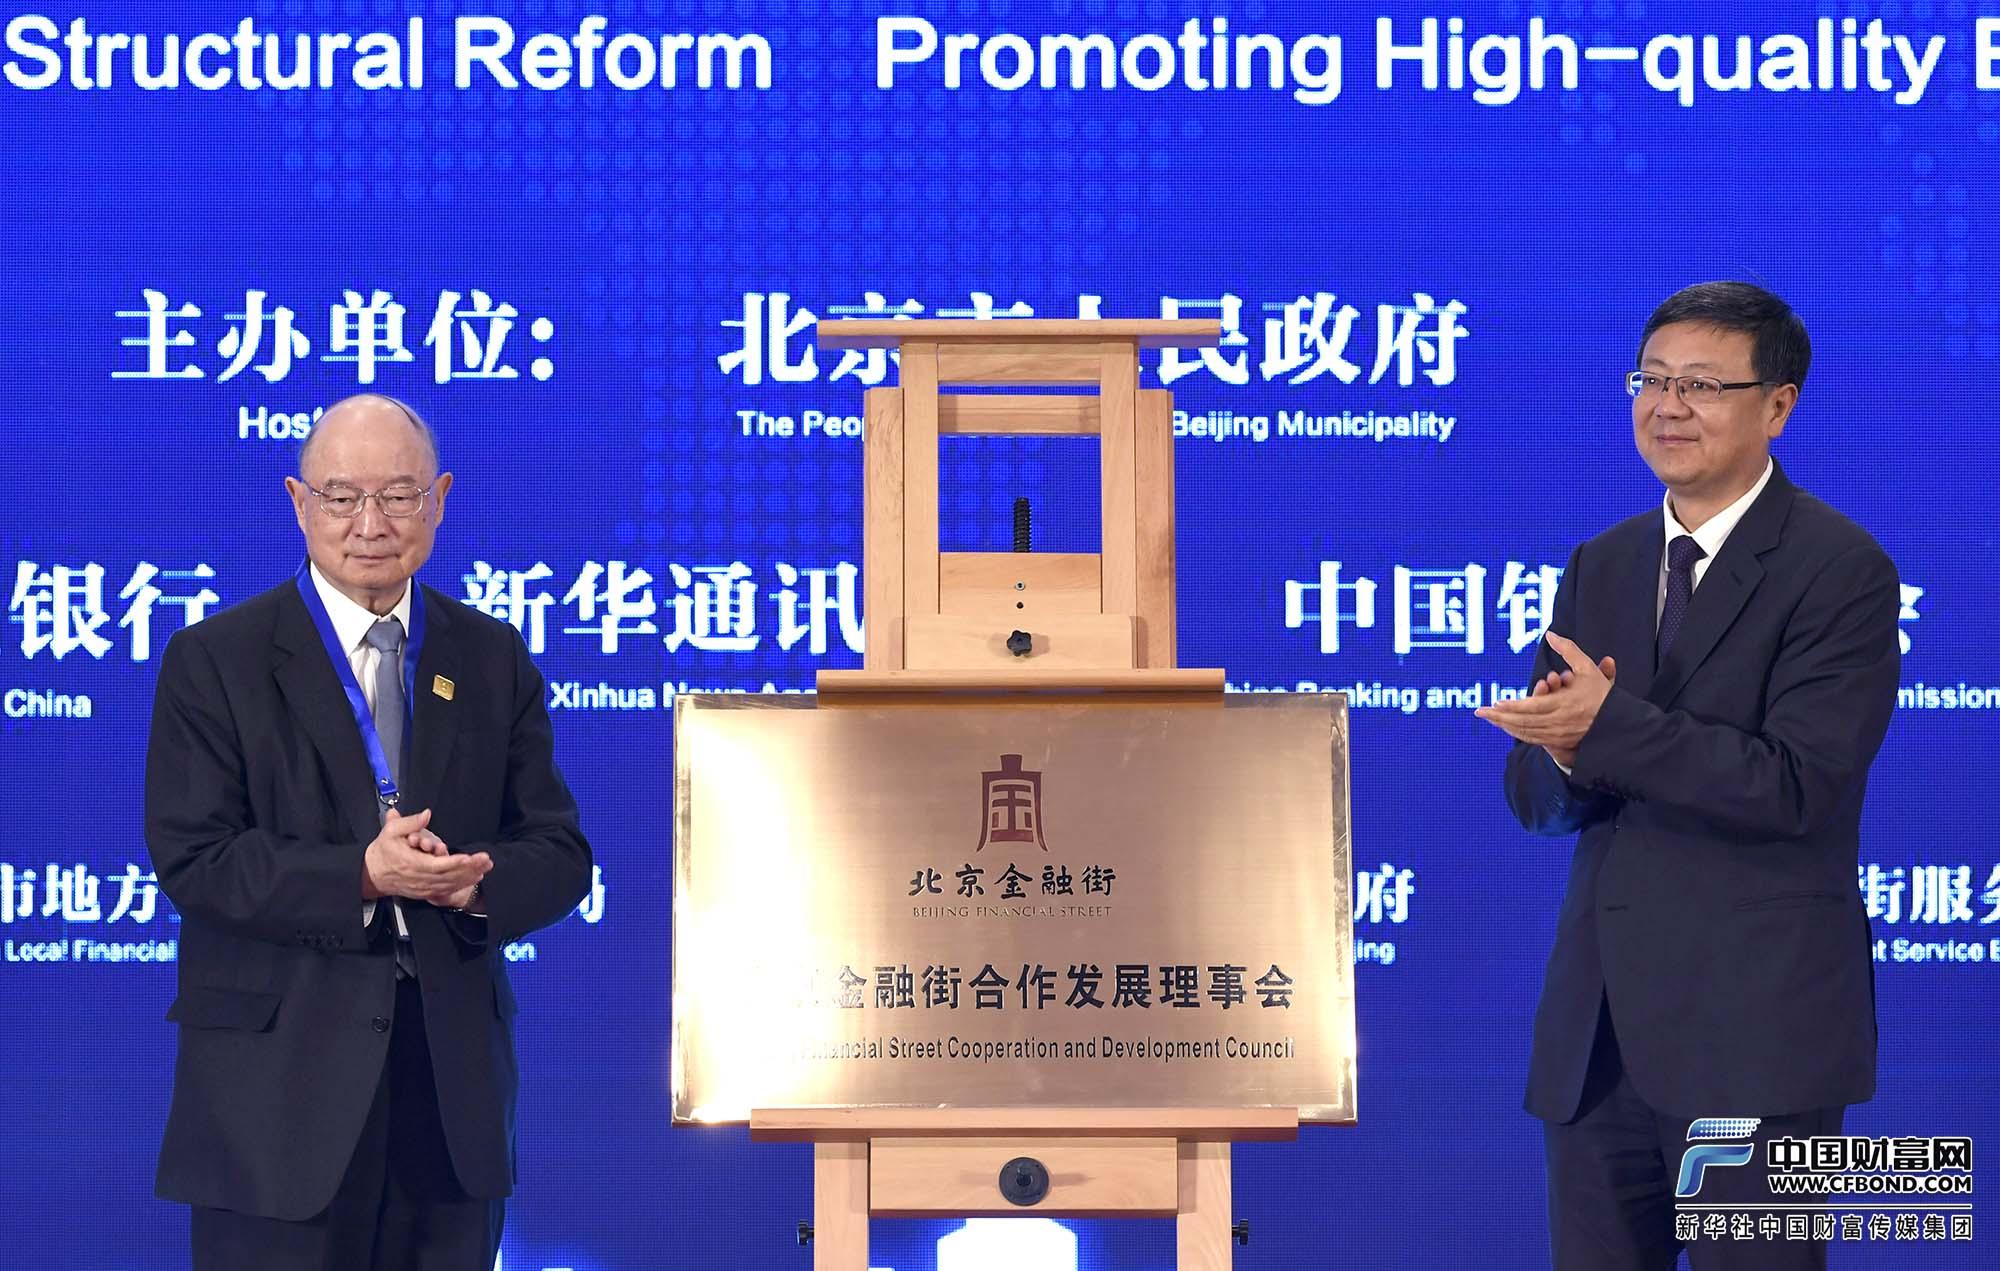 陈元和陈吉宁为金融街合作发展理事会揭牌